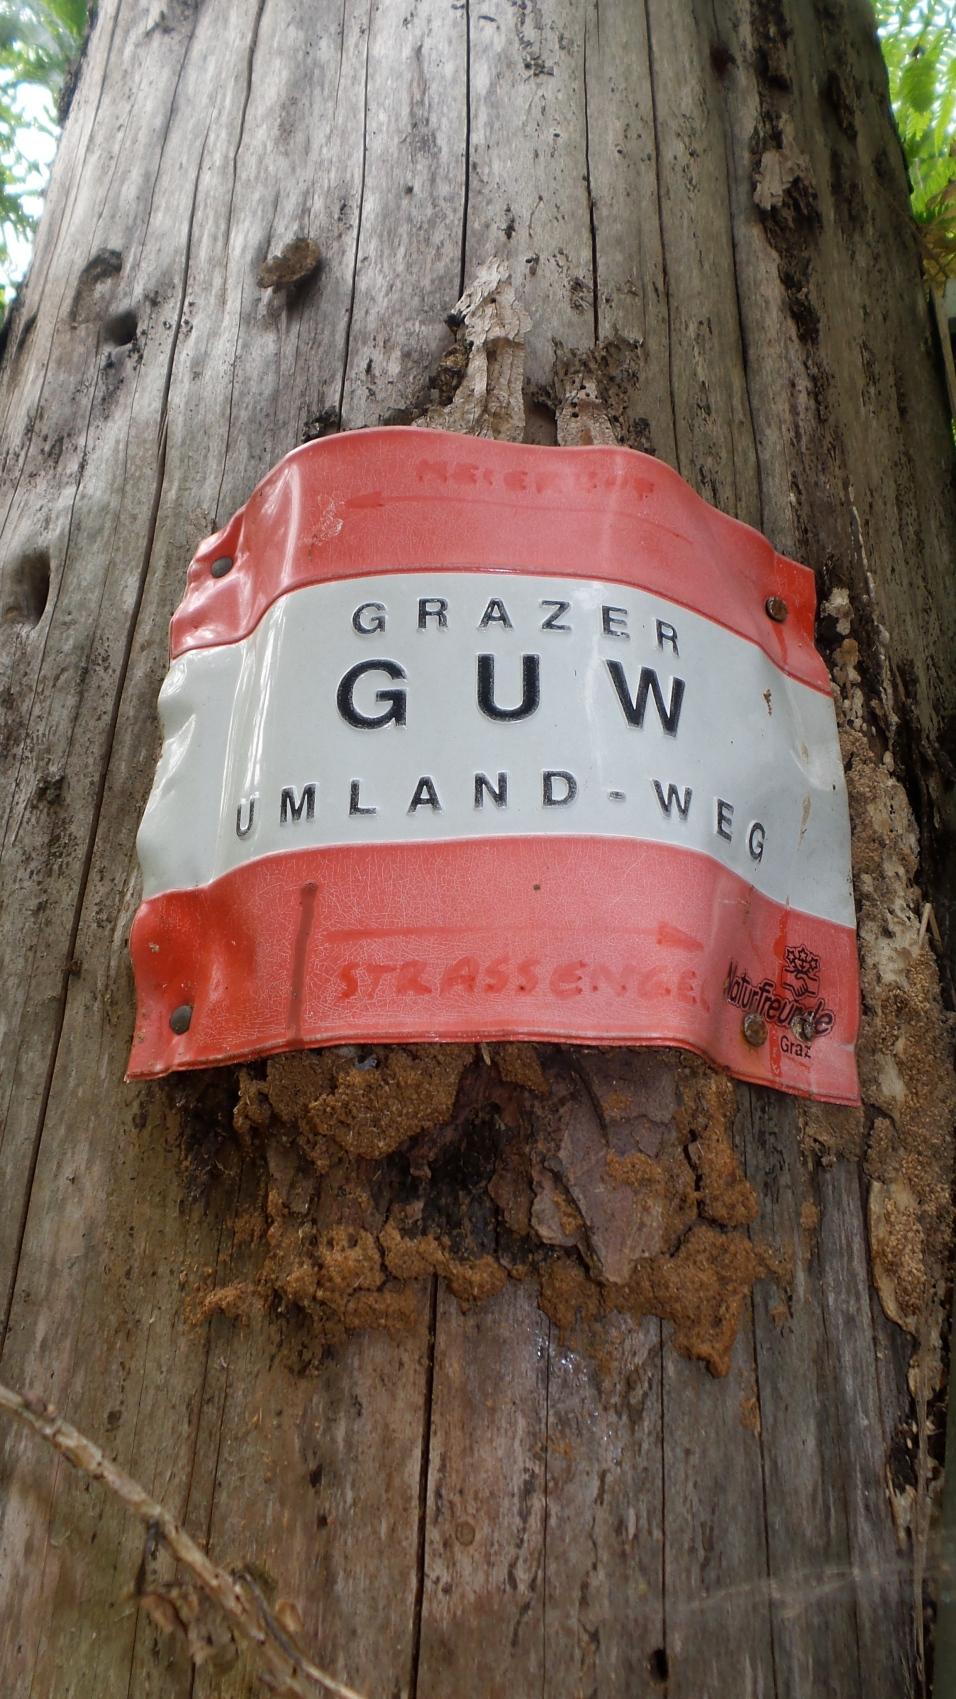 Grazer Umland Weg